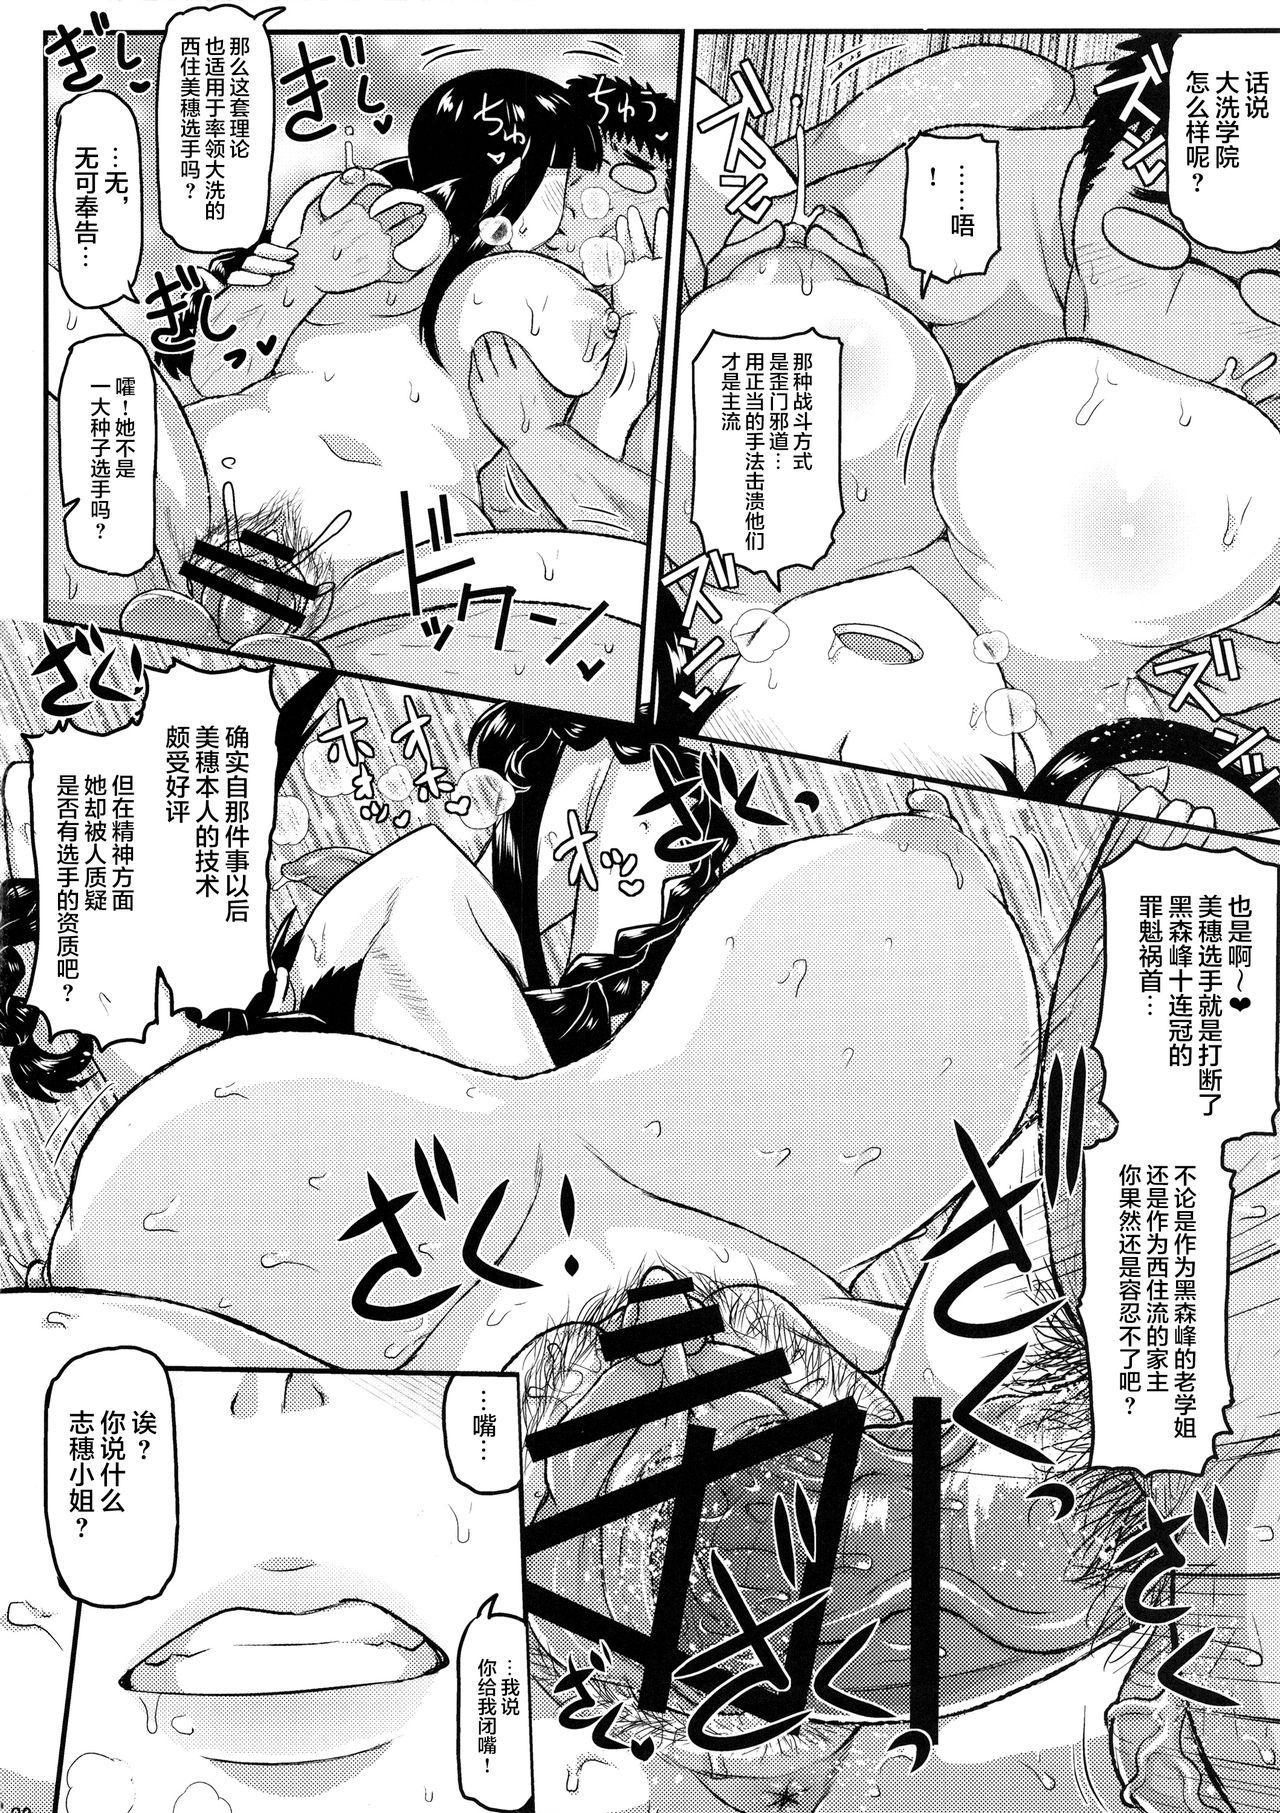 Girl?s & Semen III Nishizumi Shiho no Moteamashita Ureure Body o Chuunen Chinpo de Soutou Sakusen! Iemoto Ransou ni Idenshi Seichuu Butai Shinkou Kaishi 19